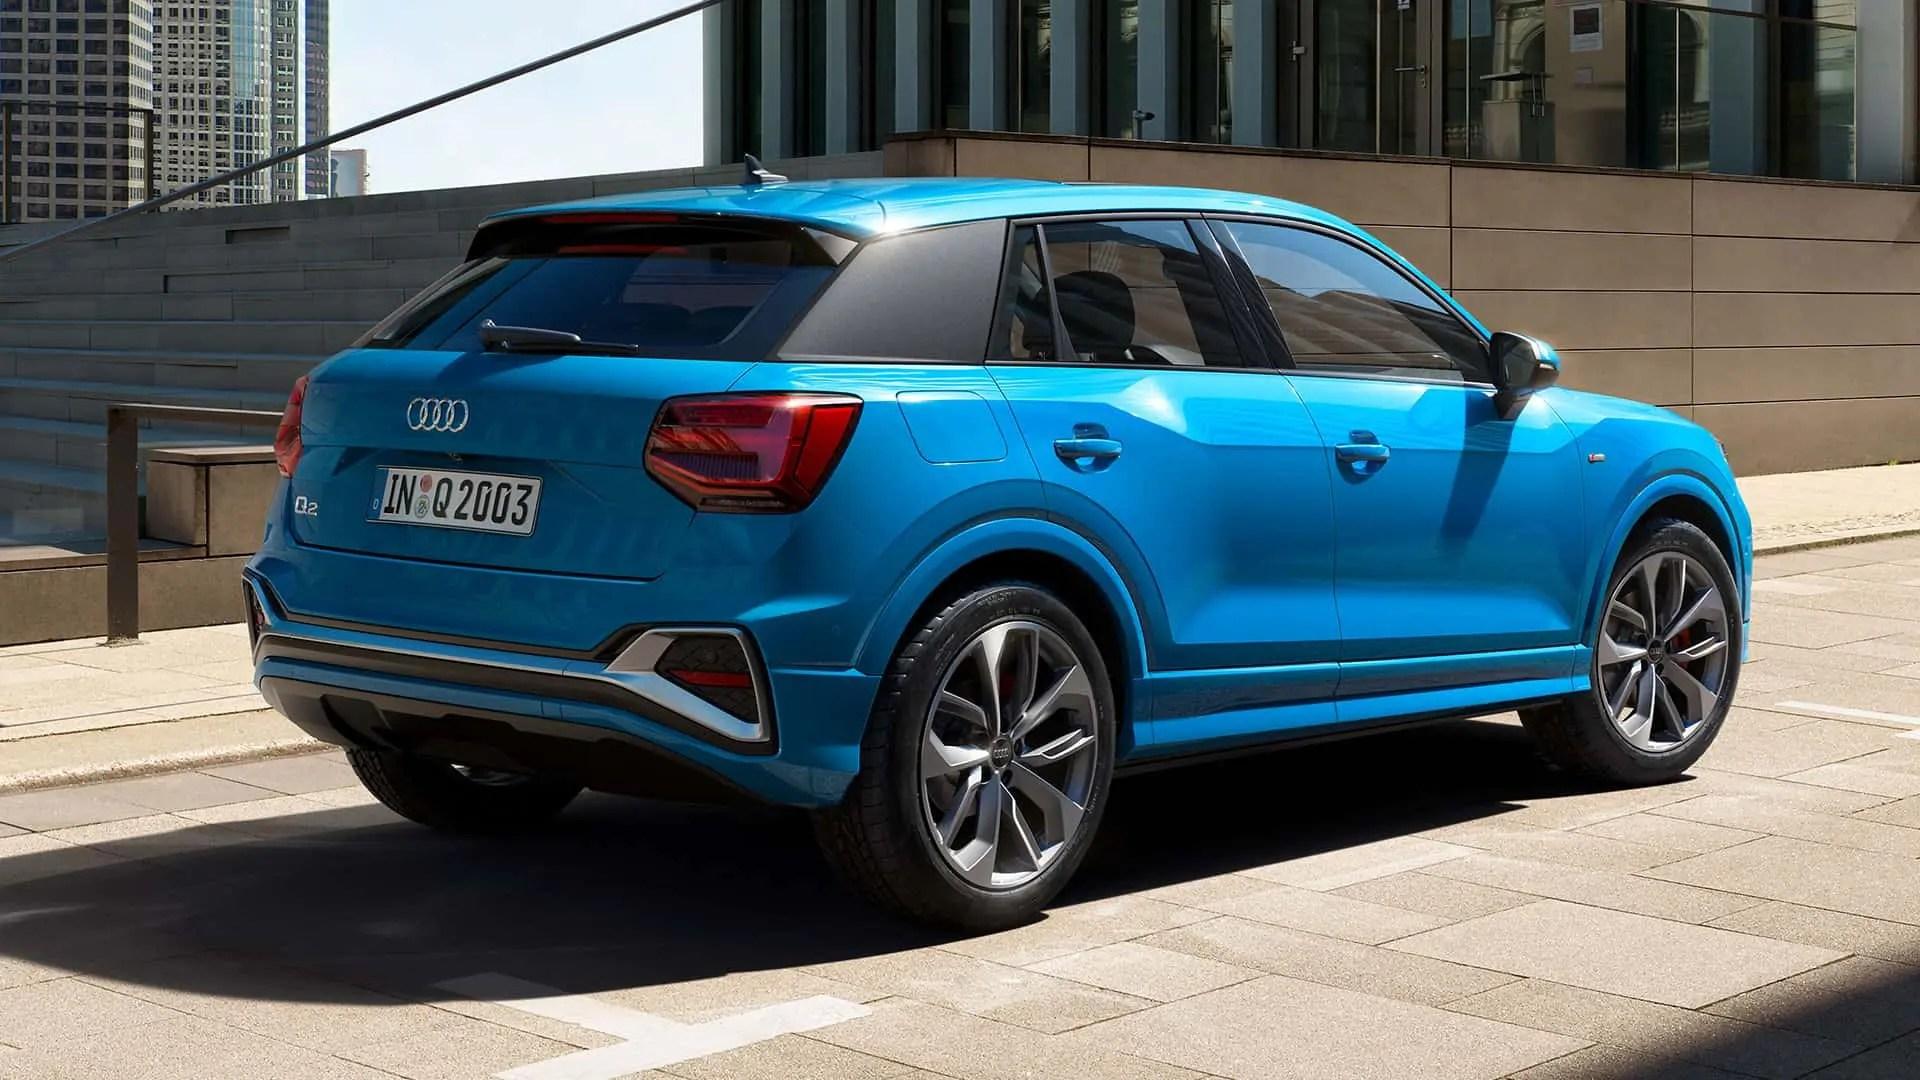 Audi Q2 back image